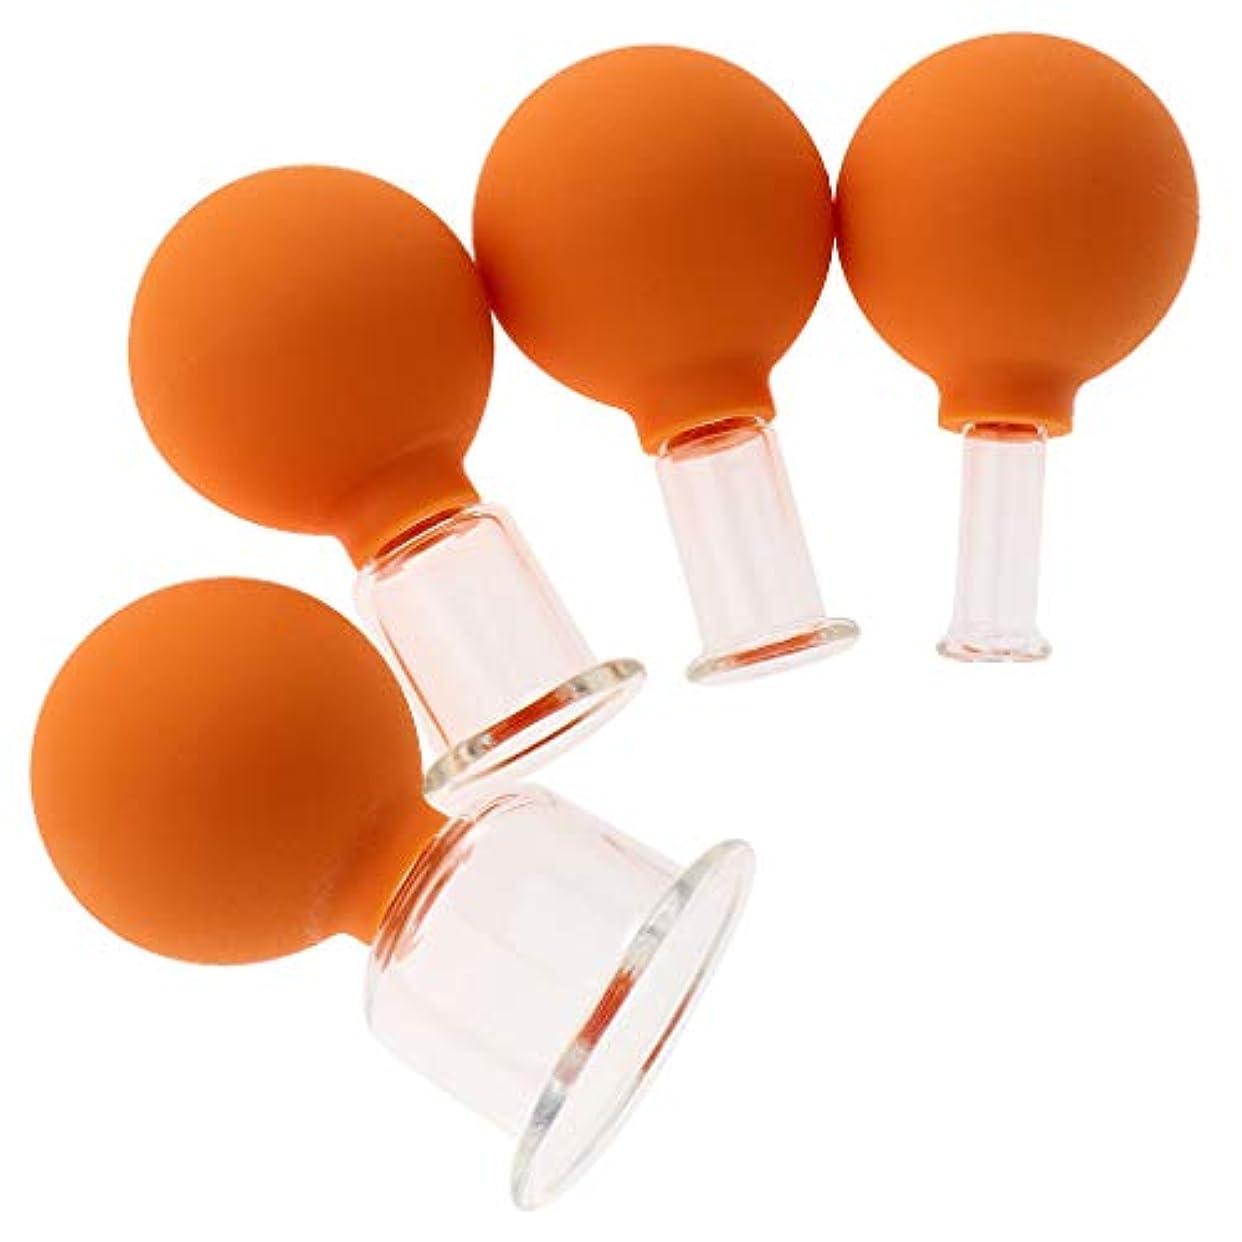 返済実行ロマンチックボディヘッドネック用4バキュームマッサージカップアンチセルライトガラスカップのセット - オレンジ